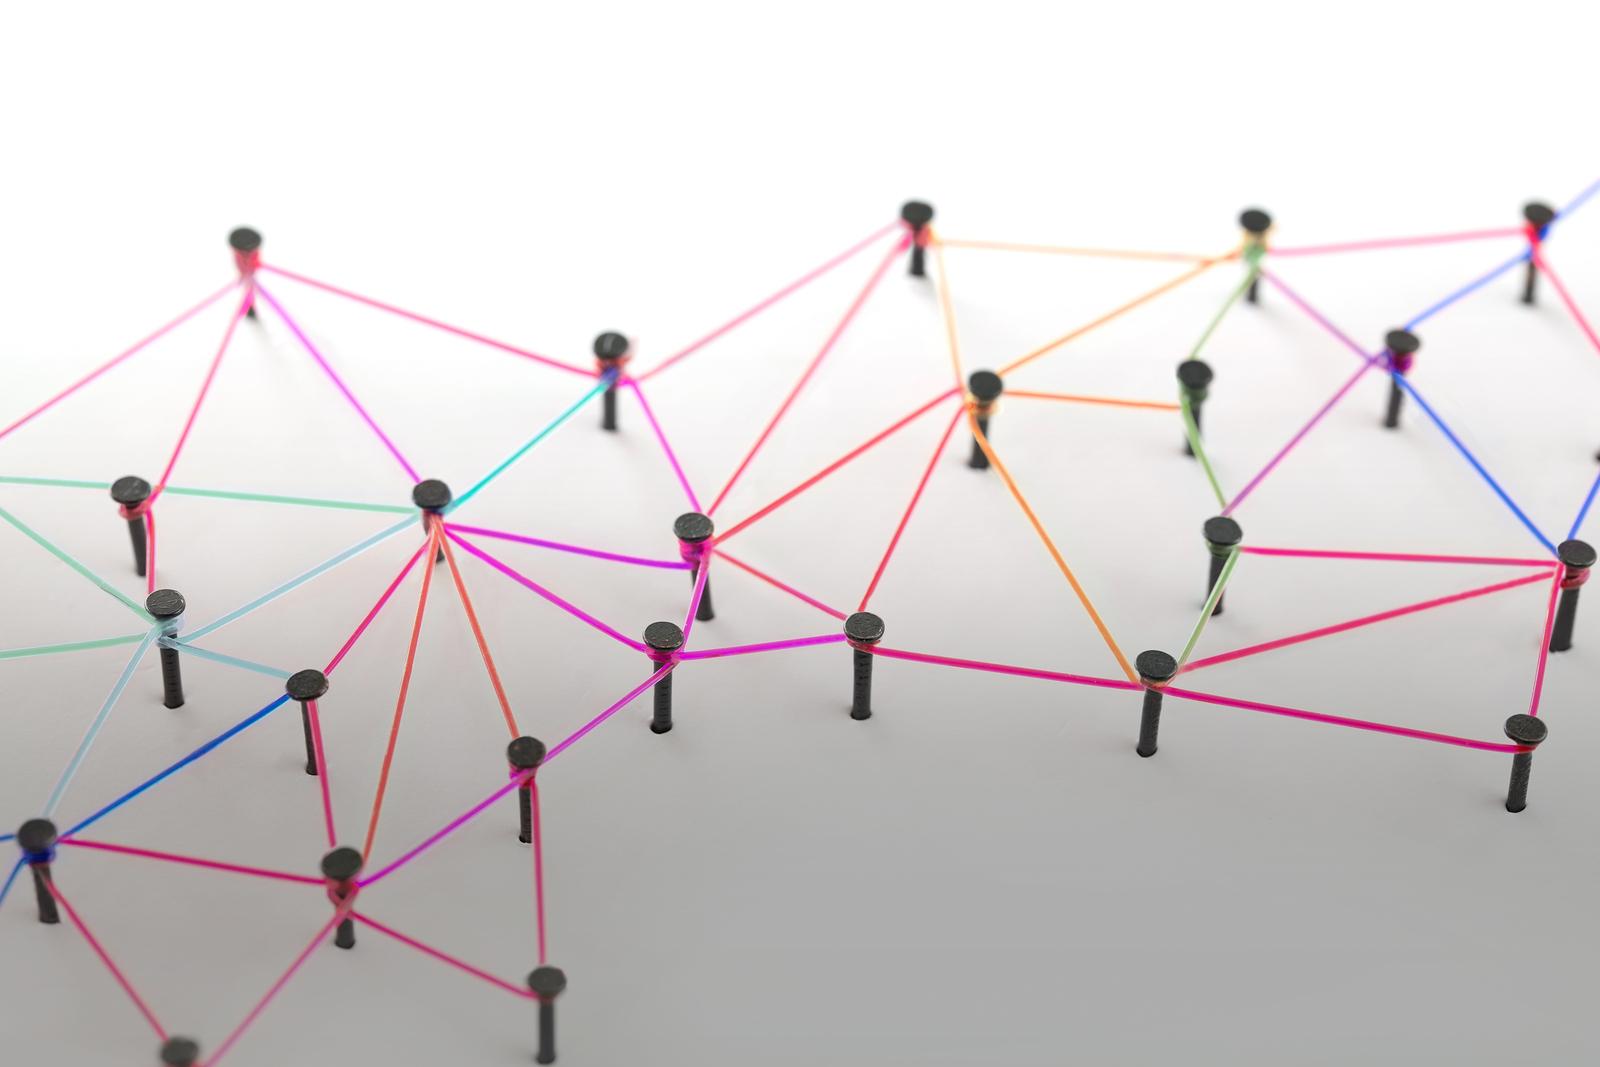 Eesti ideoloogiliste kodanikuühenduste kaart I: koostöökogud, riiklikud ja riigivälised asutused